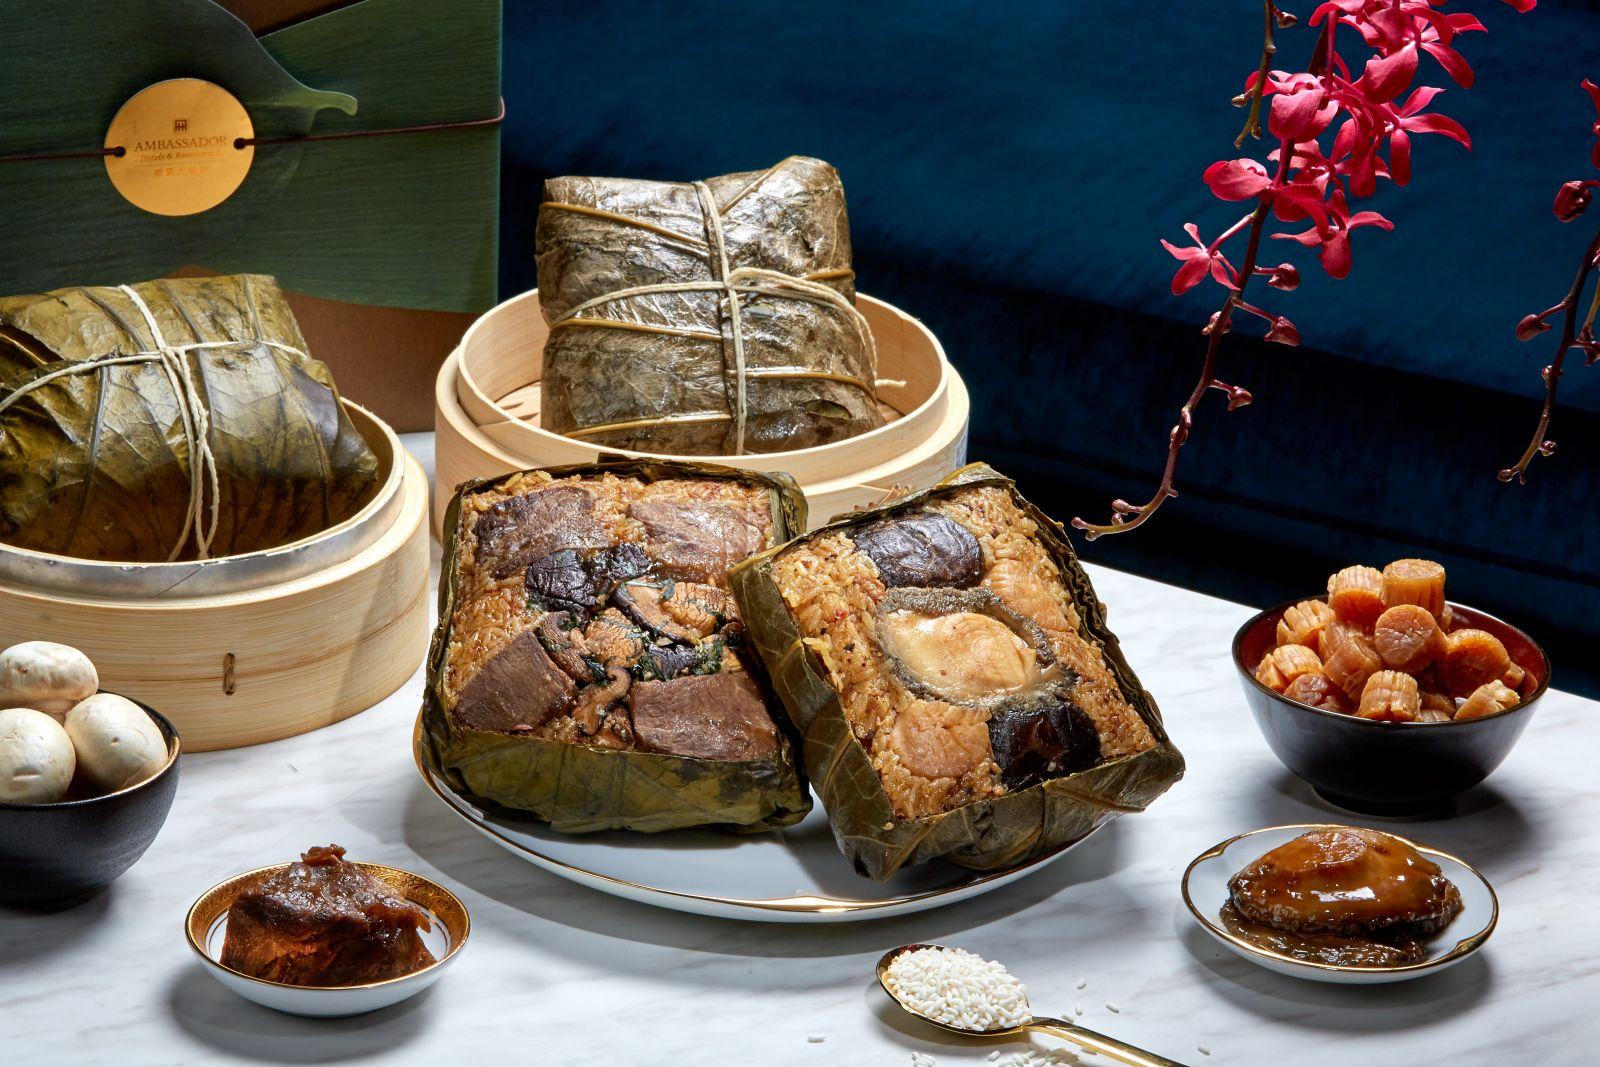 【端午獻禮】年銷近六萬顆的經典美味 台北國賓肉粽禮盒榮耀登場